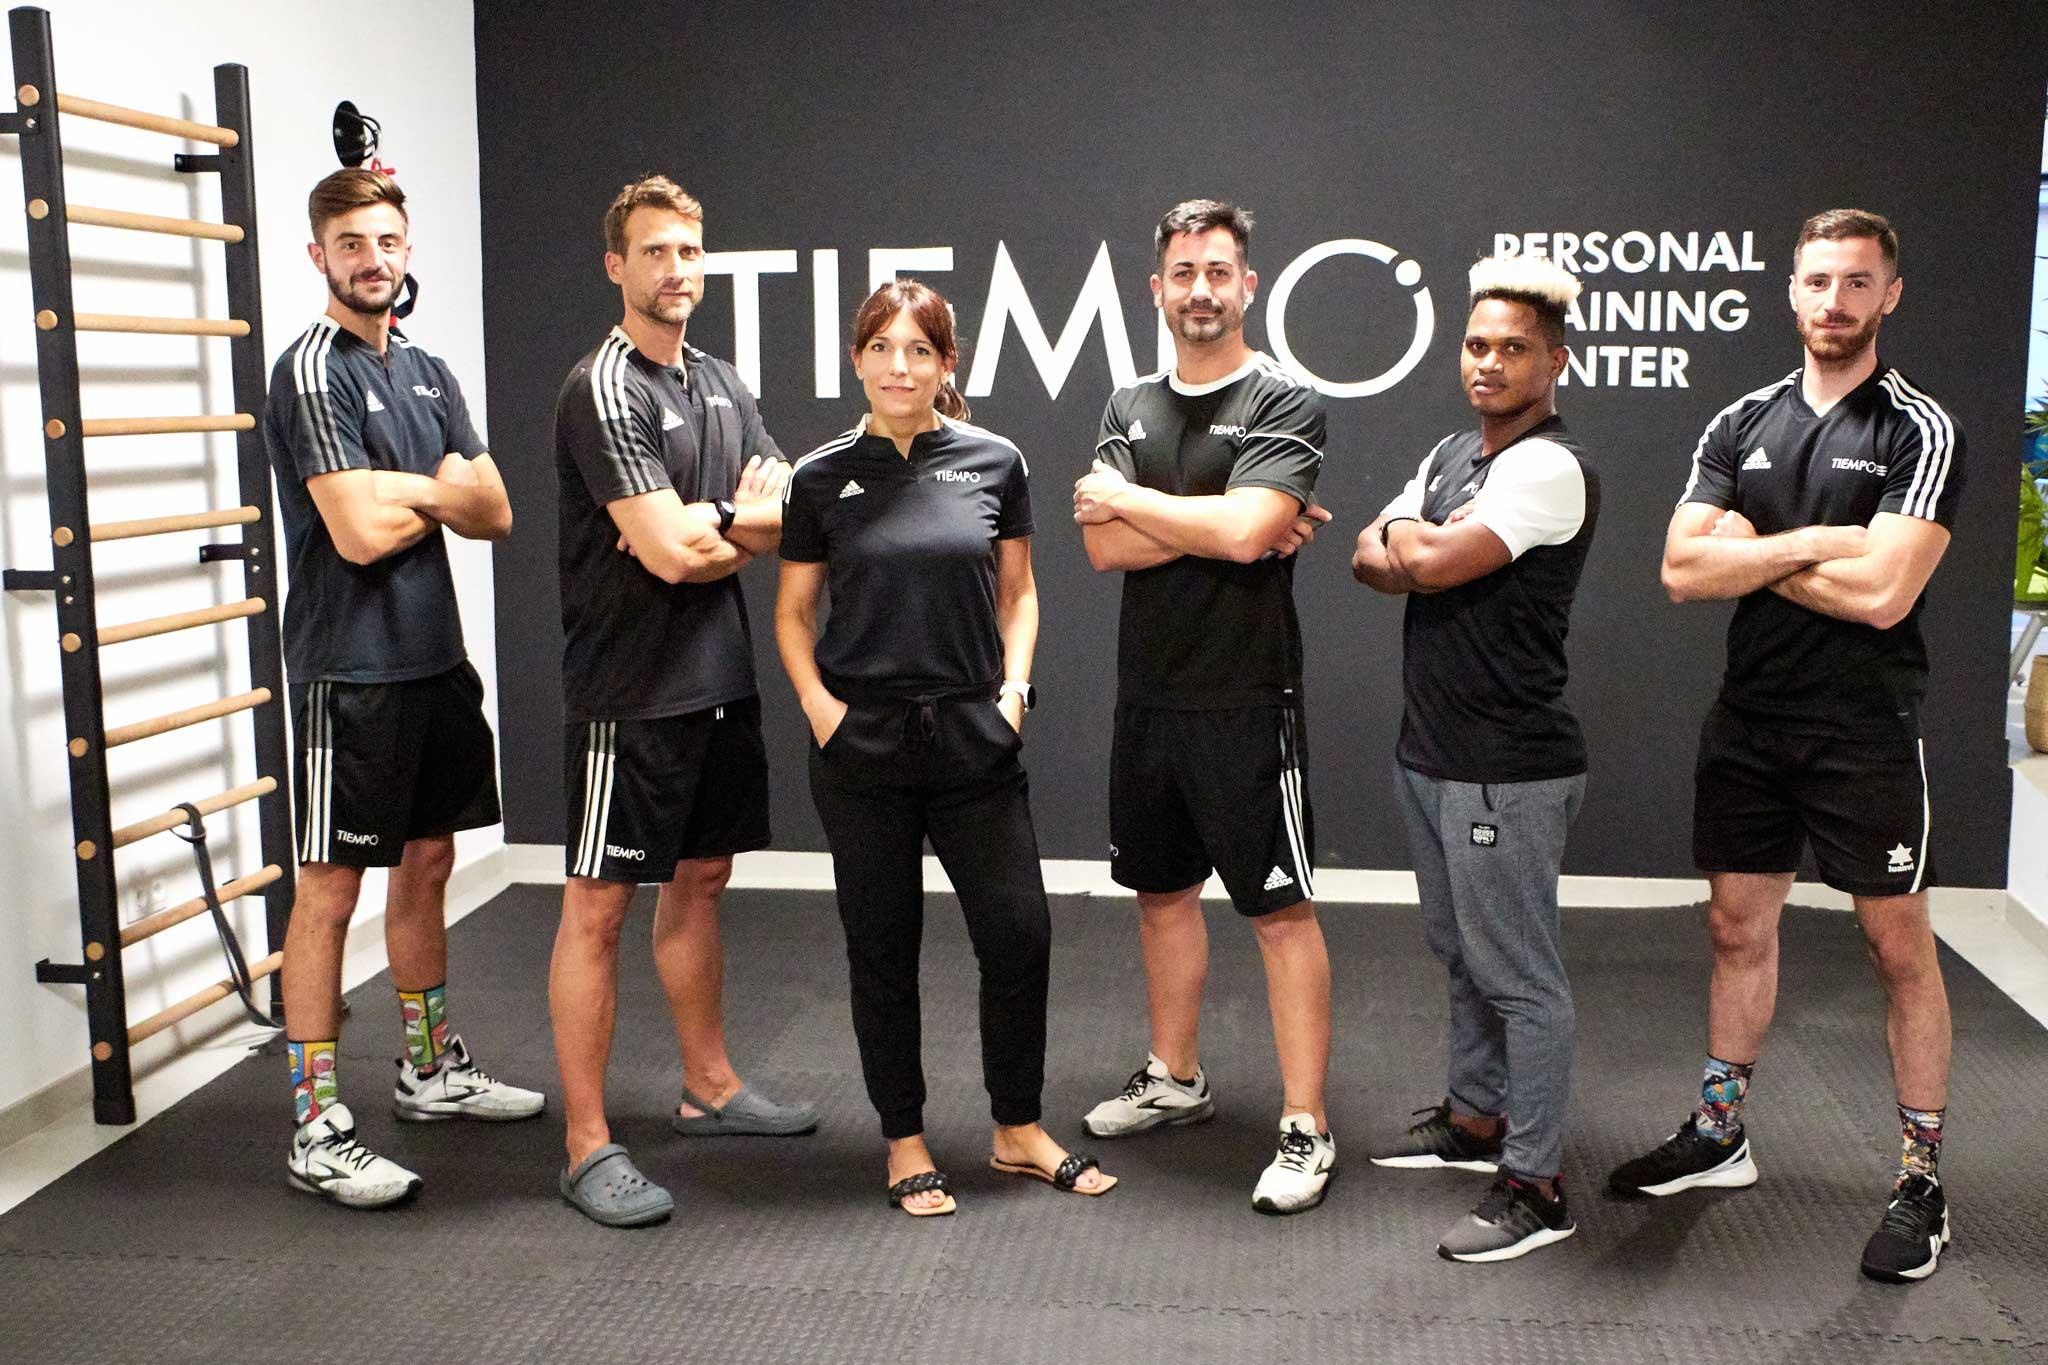 Tiempo Personal Training Center – Equipo